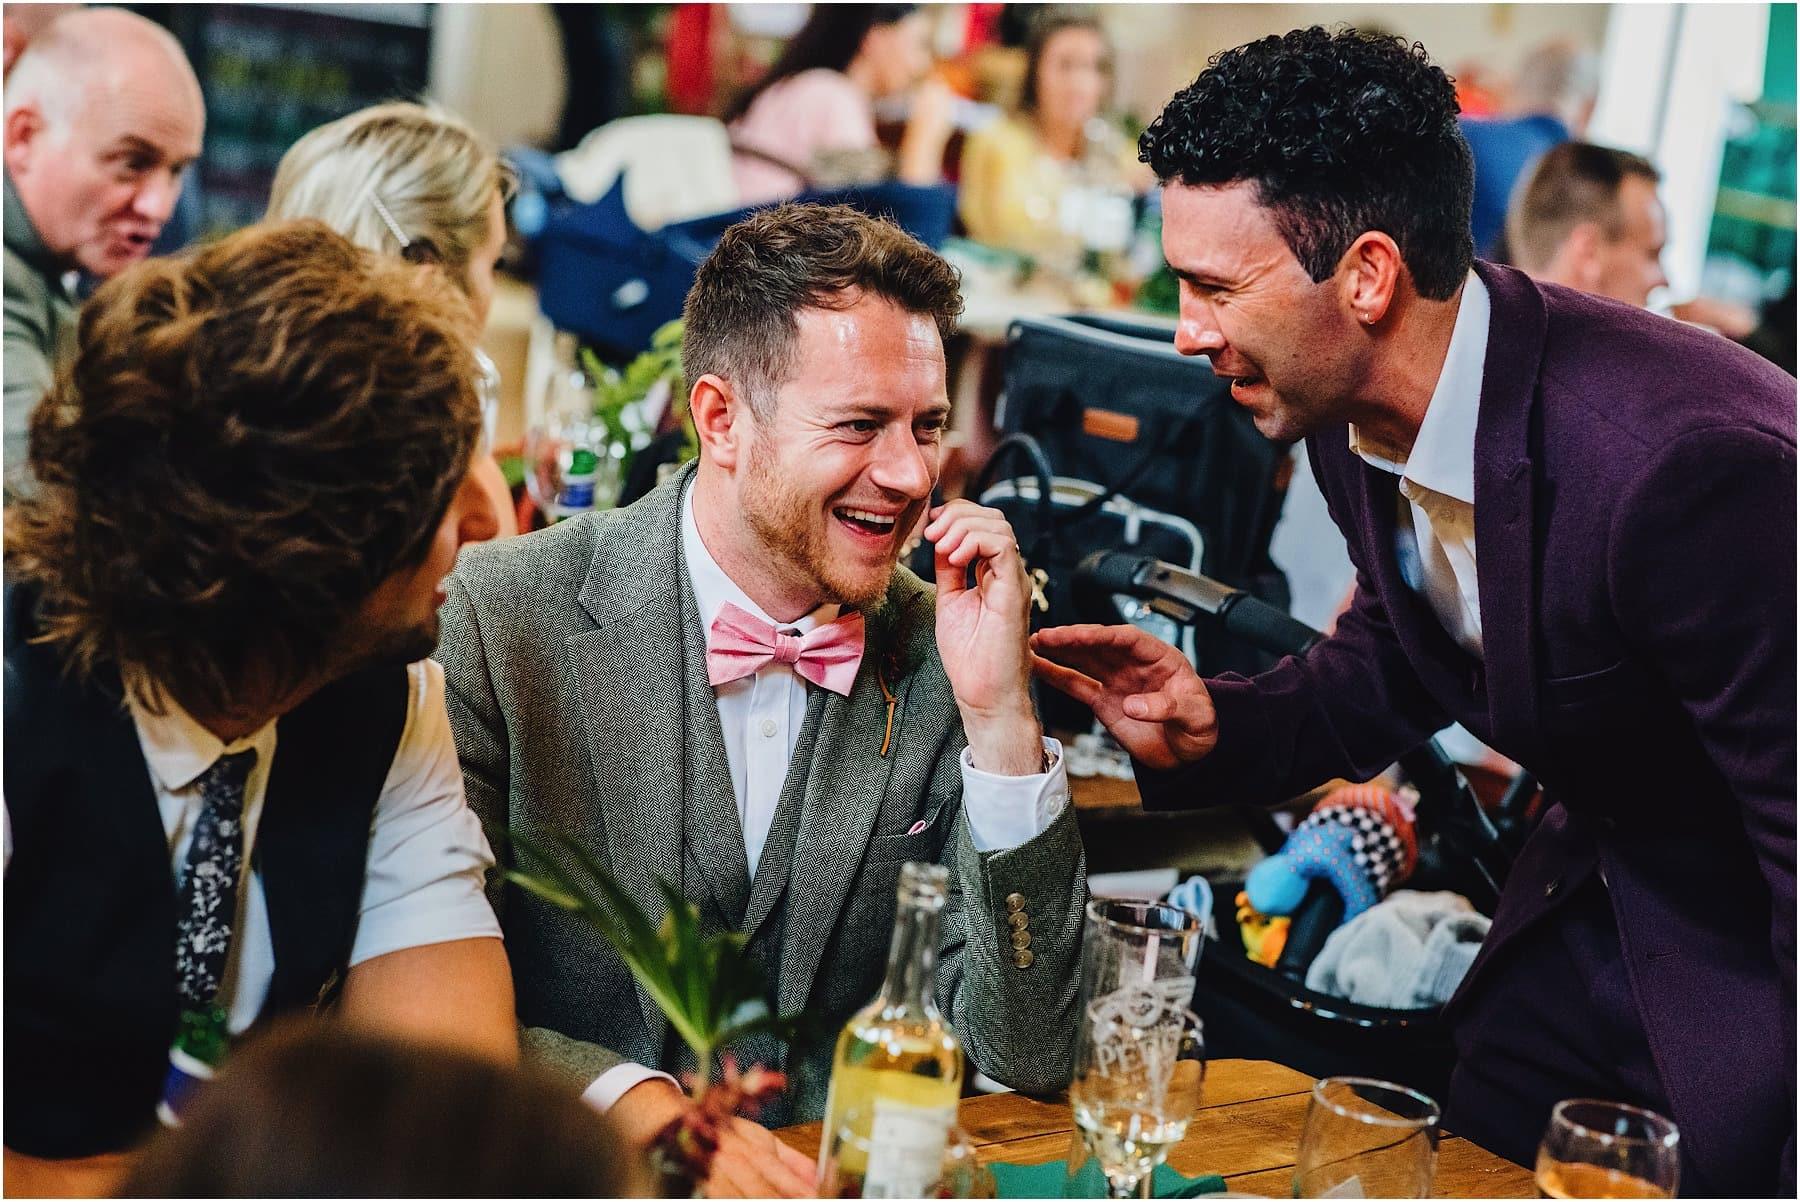 groomsmen laughing at joke